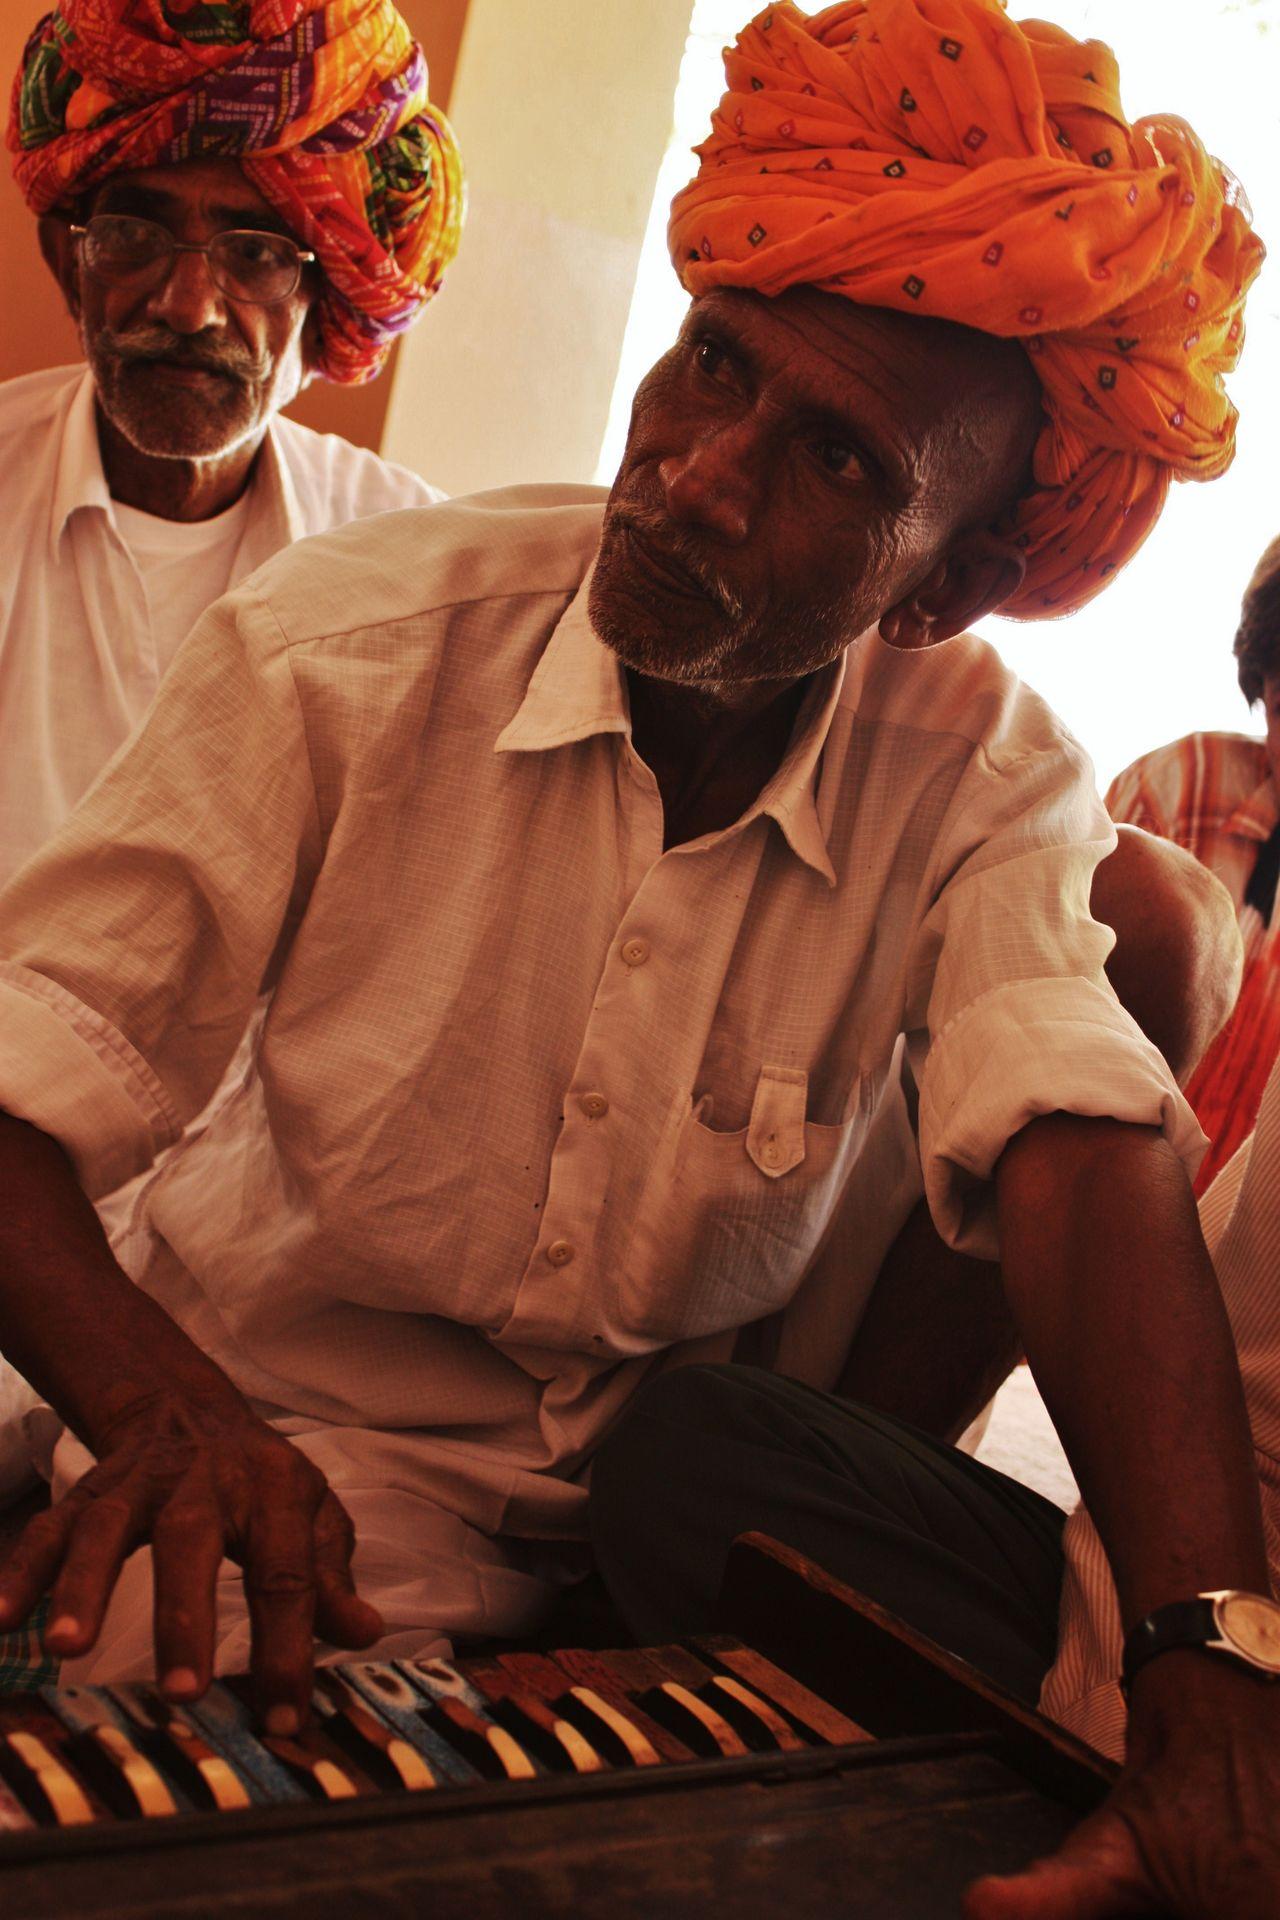 Art Harmonium Inde India Indian Culture  Indian Musician Musician Musicien Musique Turban